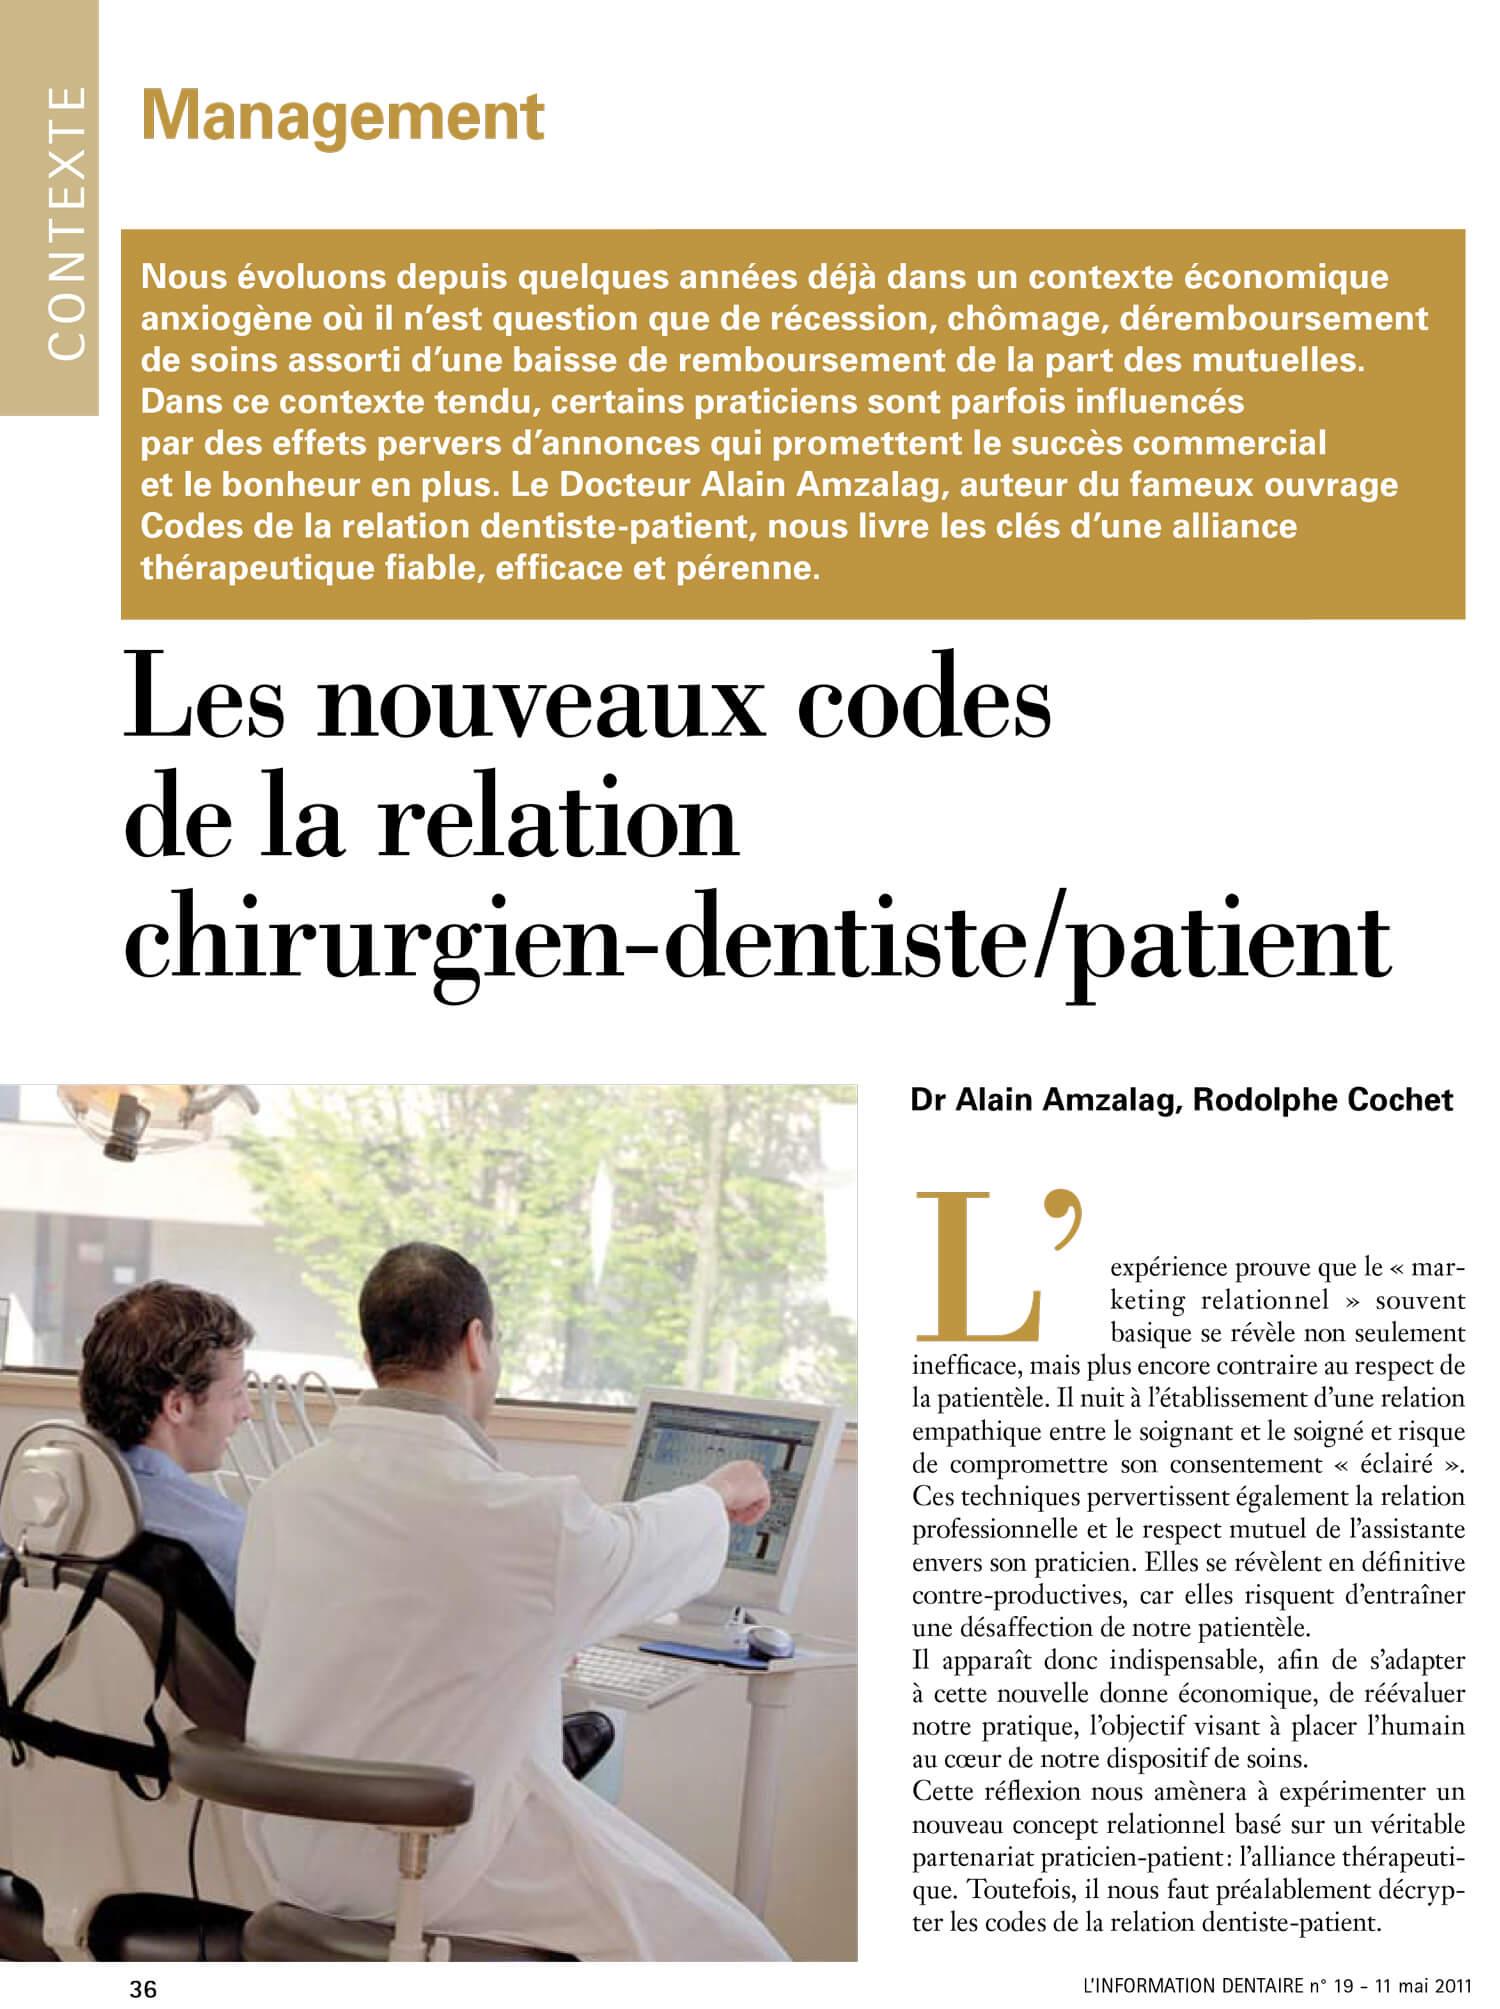 Nouveaux-codes-relation-dentiste-patient-alain-amzalag-rodolphe-cochet.jpg